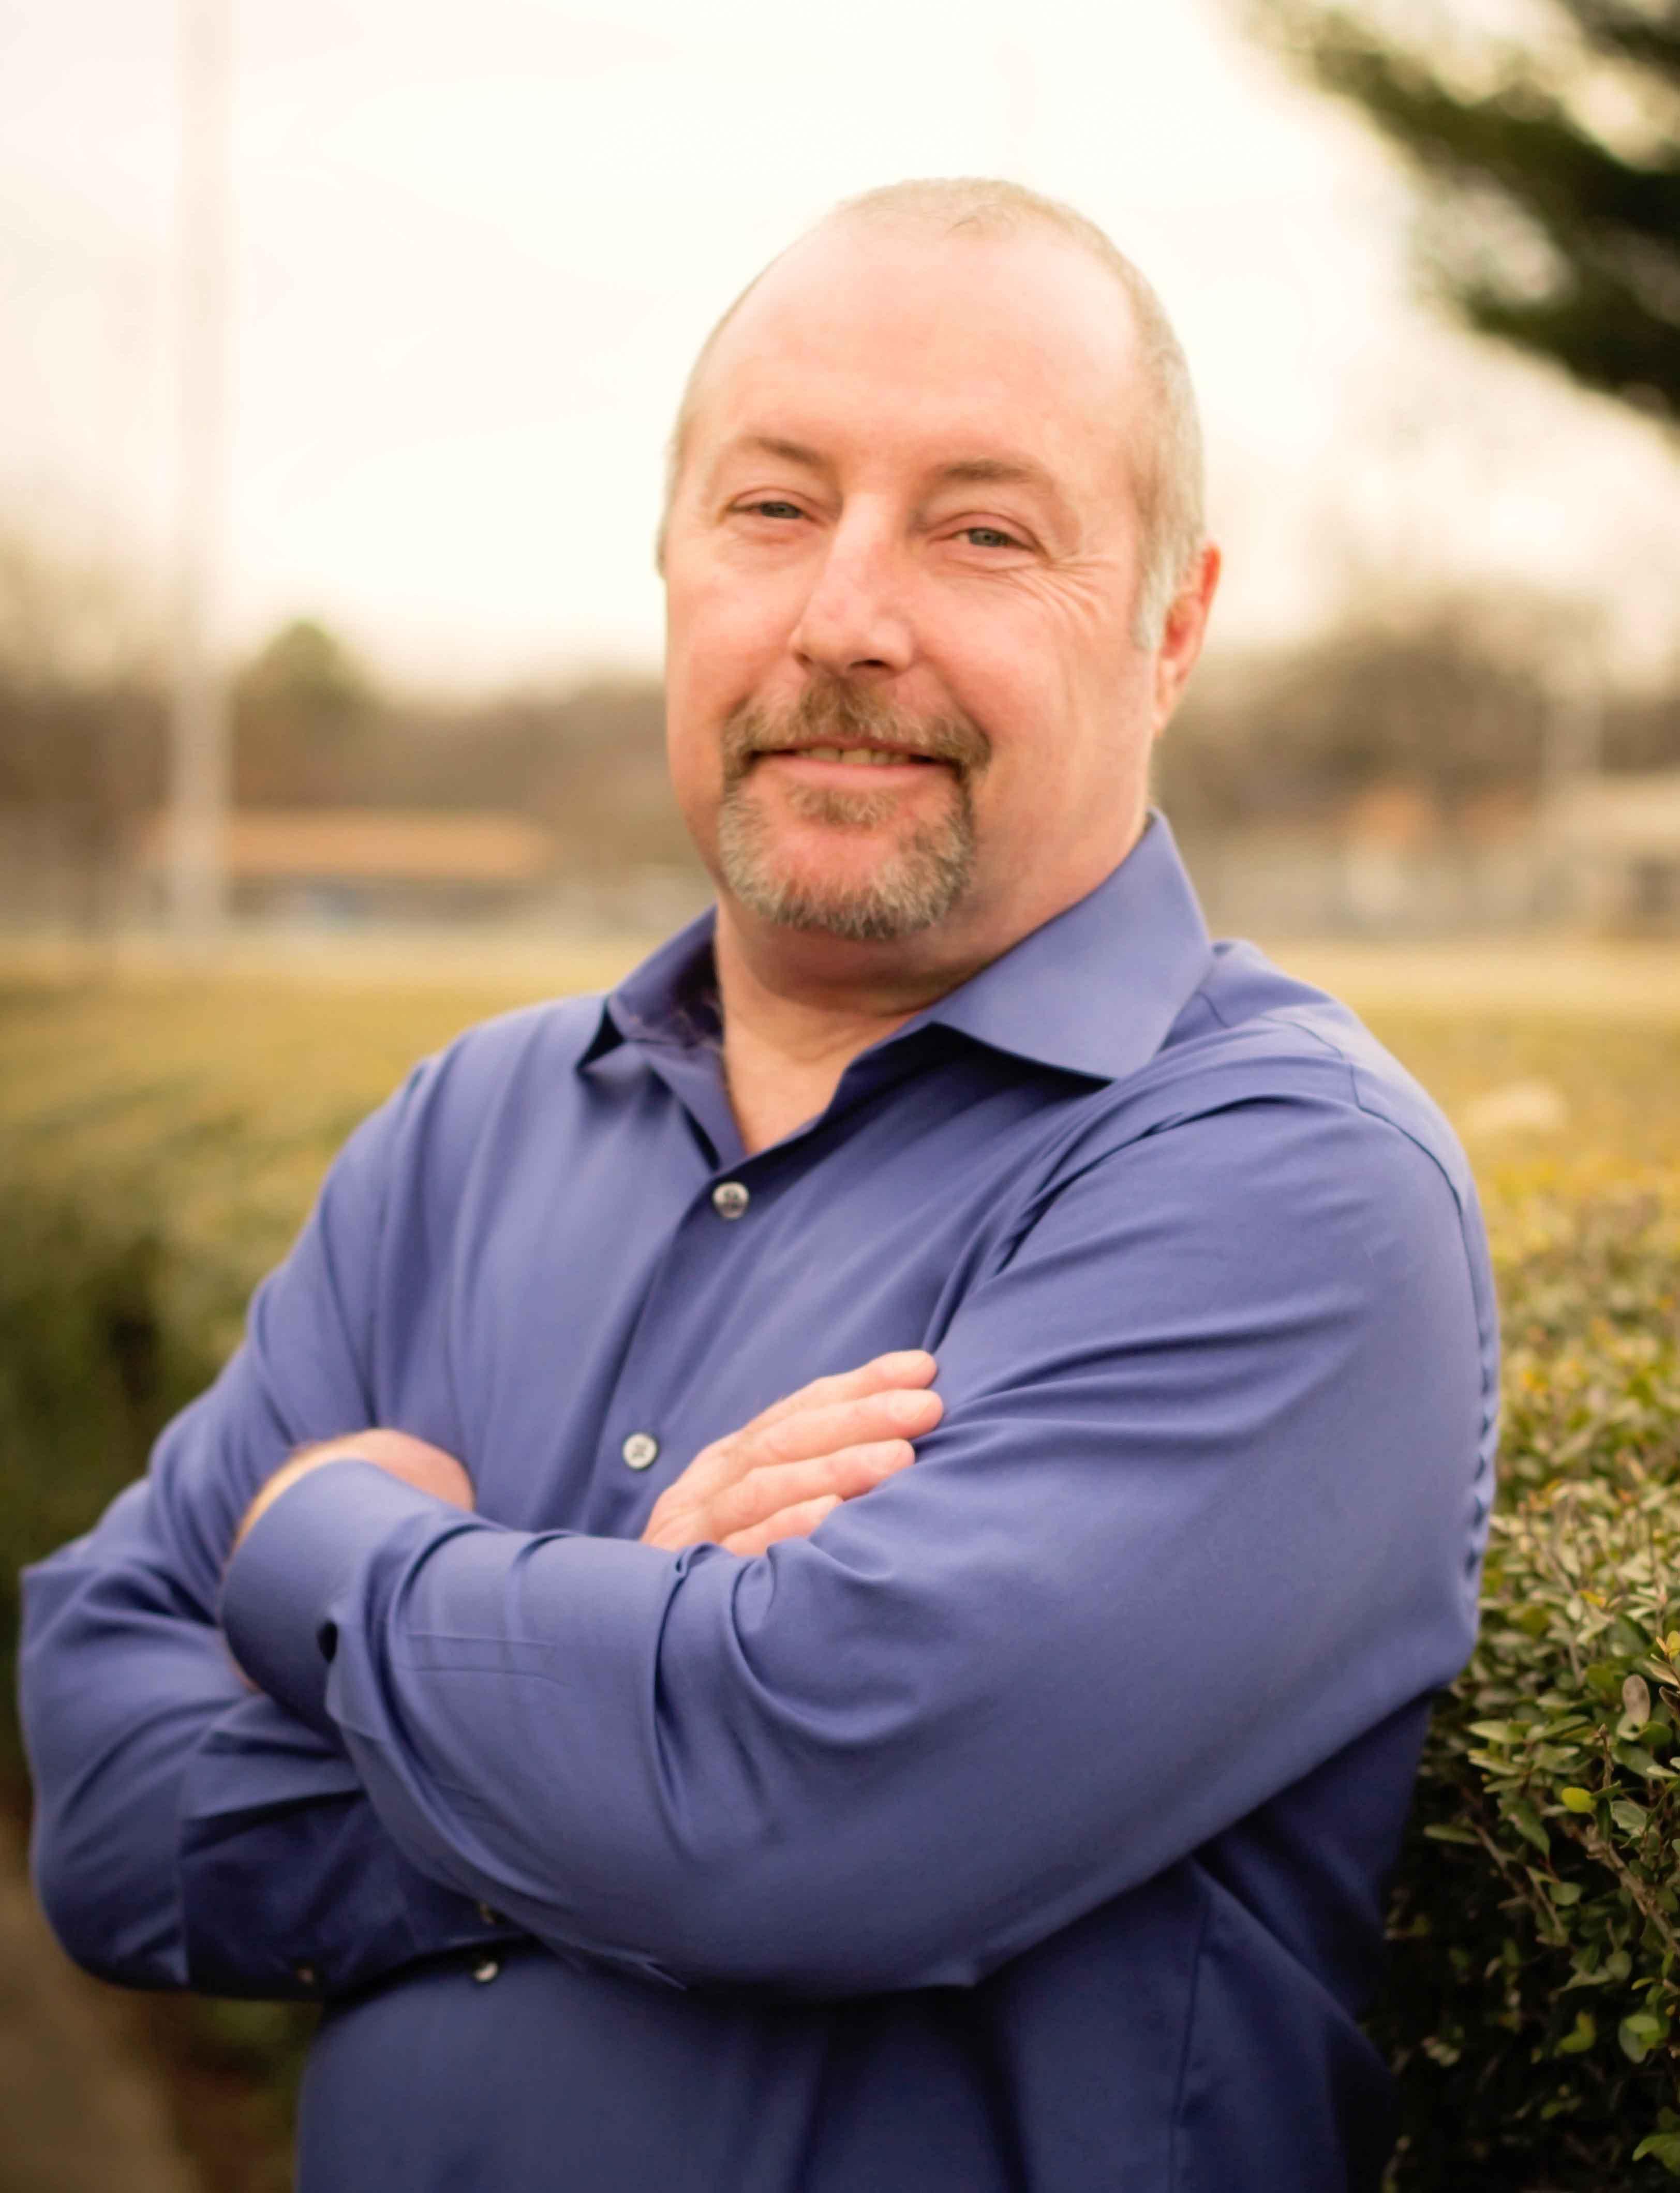 Kevin Beaty